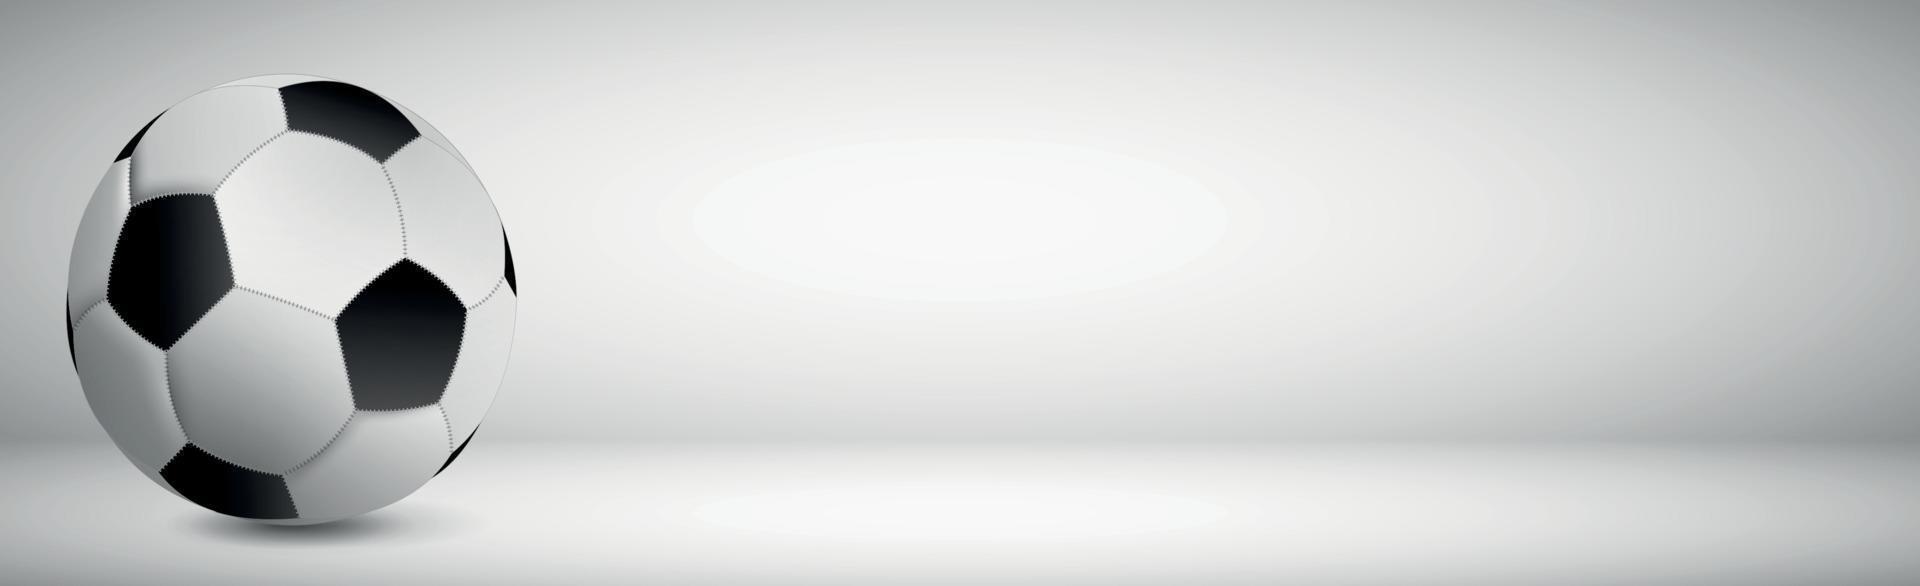 realistischer Fußball auf grauem Hintergrund vektor